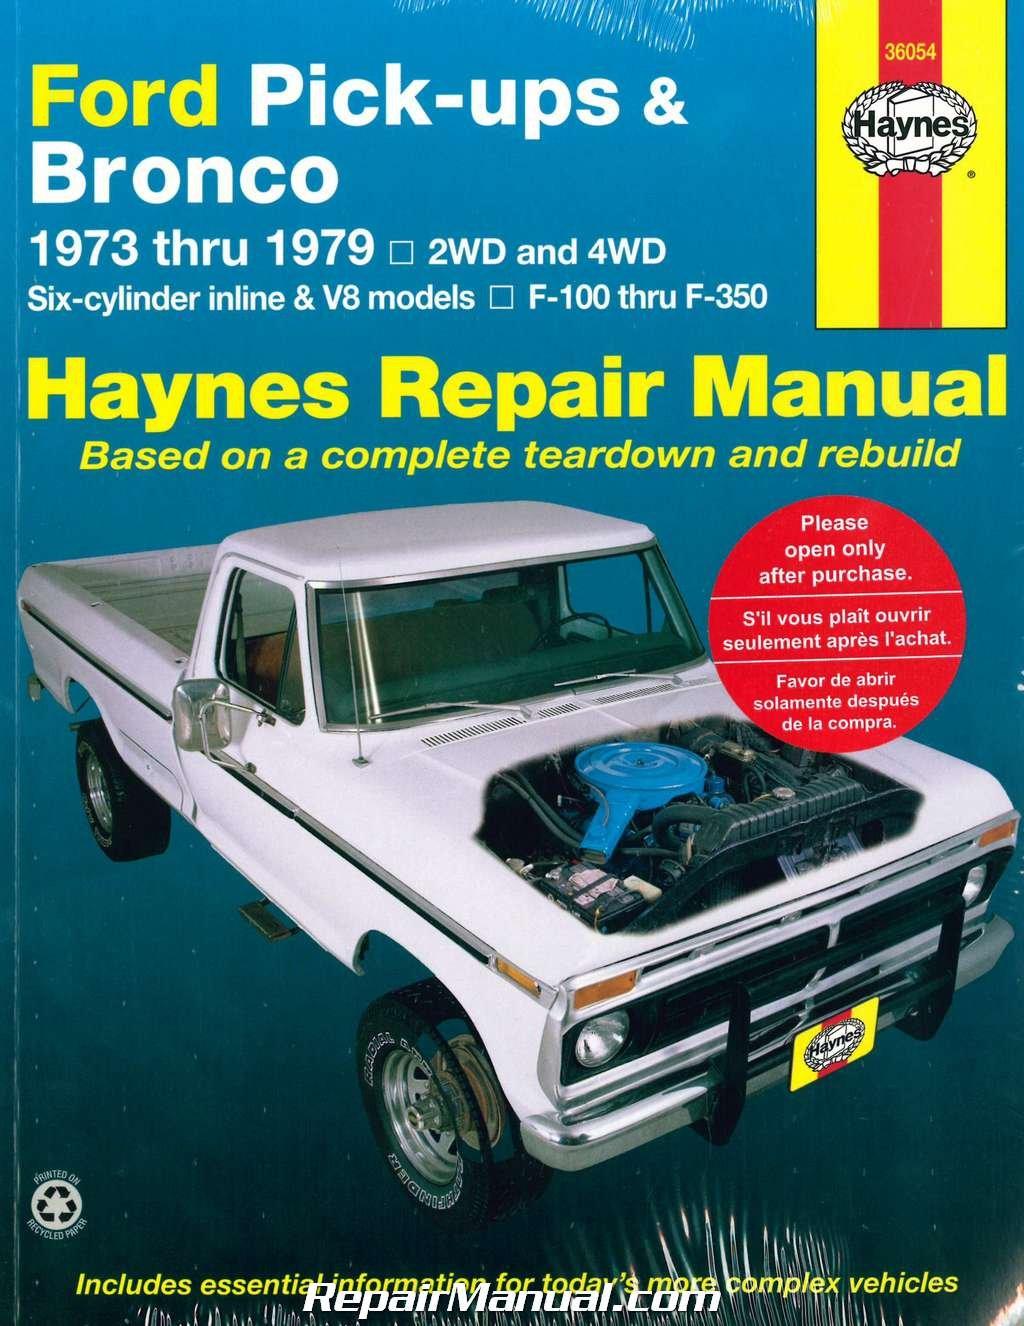 H36054 Haynes Ford Pickups and Bronco 1973-1979 Repair Manual:  Manufacturer: Amazon.com: Books